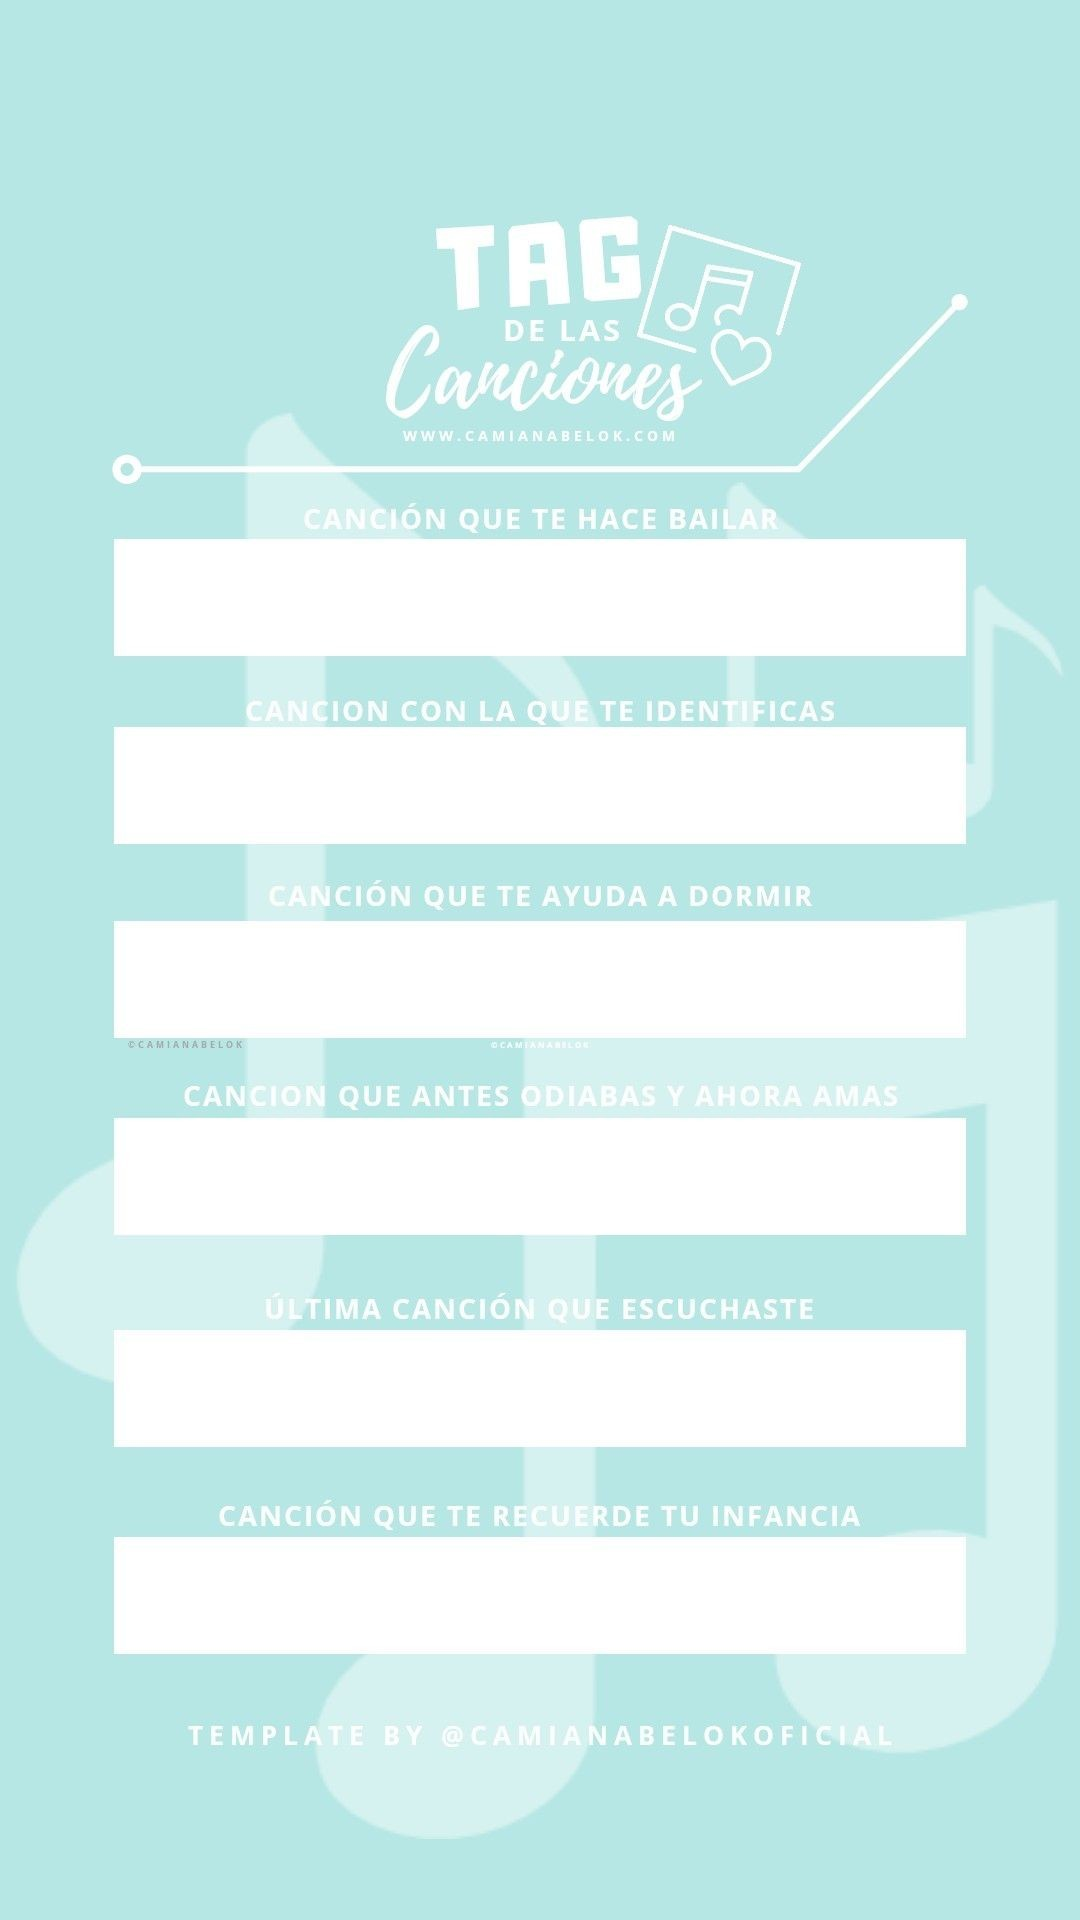 Calendario Oficial 2019 Chile Para Imprimir Más Reciente Noticias Calendario 2019 Mexico Icial Of Calendario Oficial 2019 Chile Para Imprimir Más Populares Informes Calendario Hebraico 2019